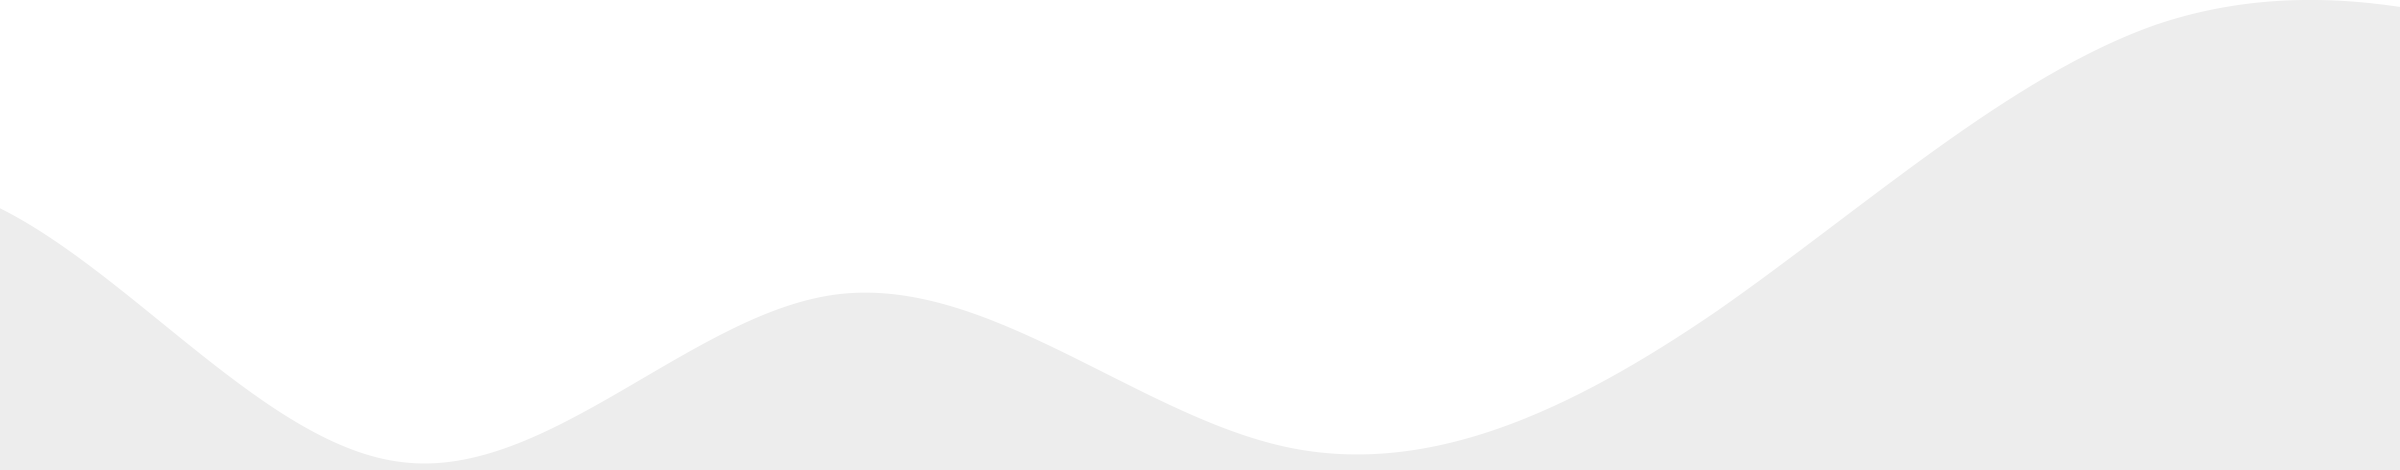 Neofair Wave Bubble